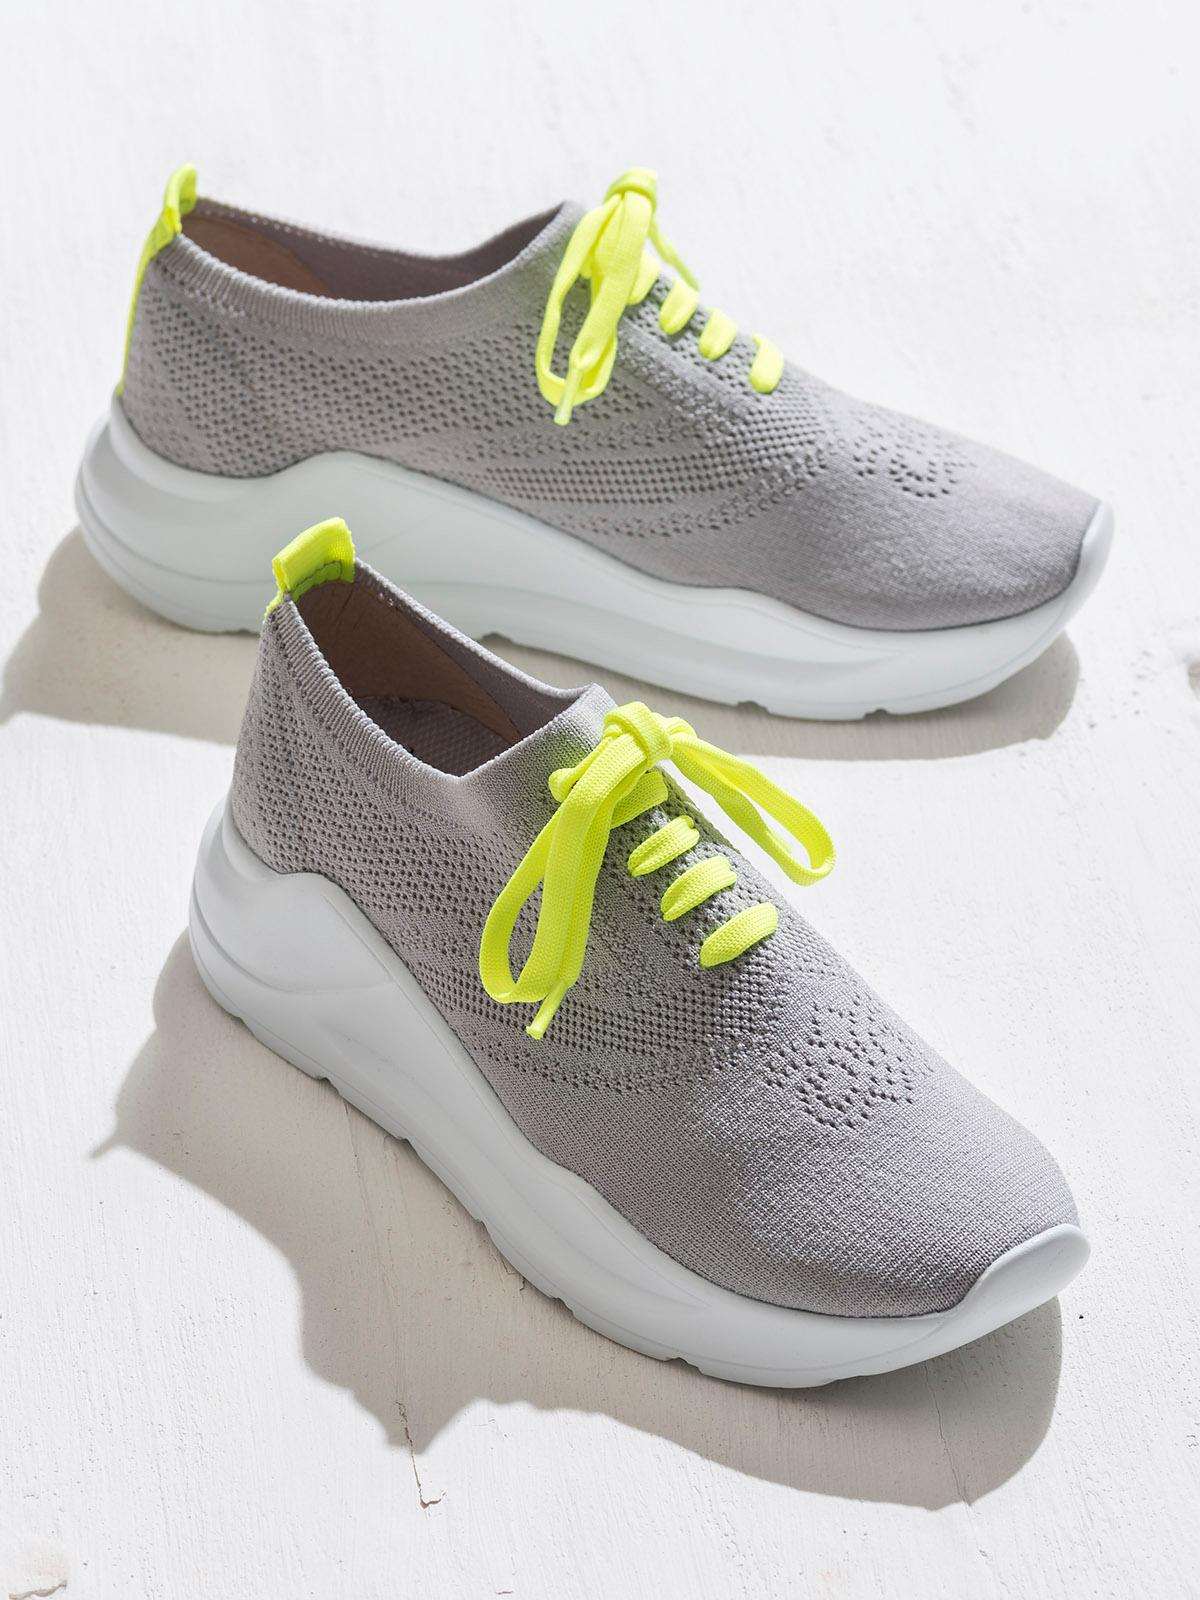 Duz Ayakkabi Modelleri Ve Fiyatlari Elle Shoes Sayfa 9 Ayakkabilar Oxford Ayakkabilar Stiletto